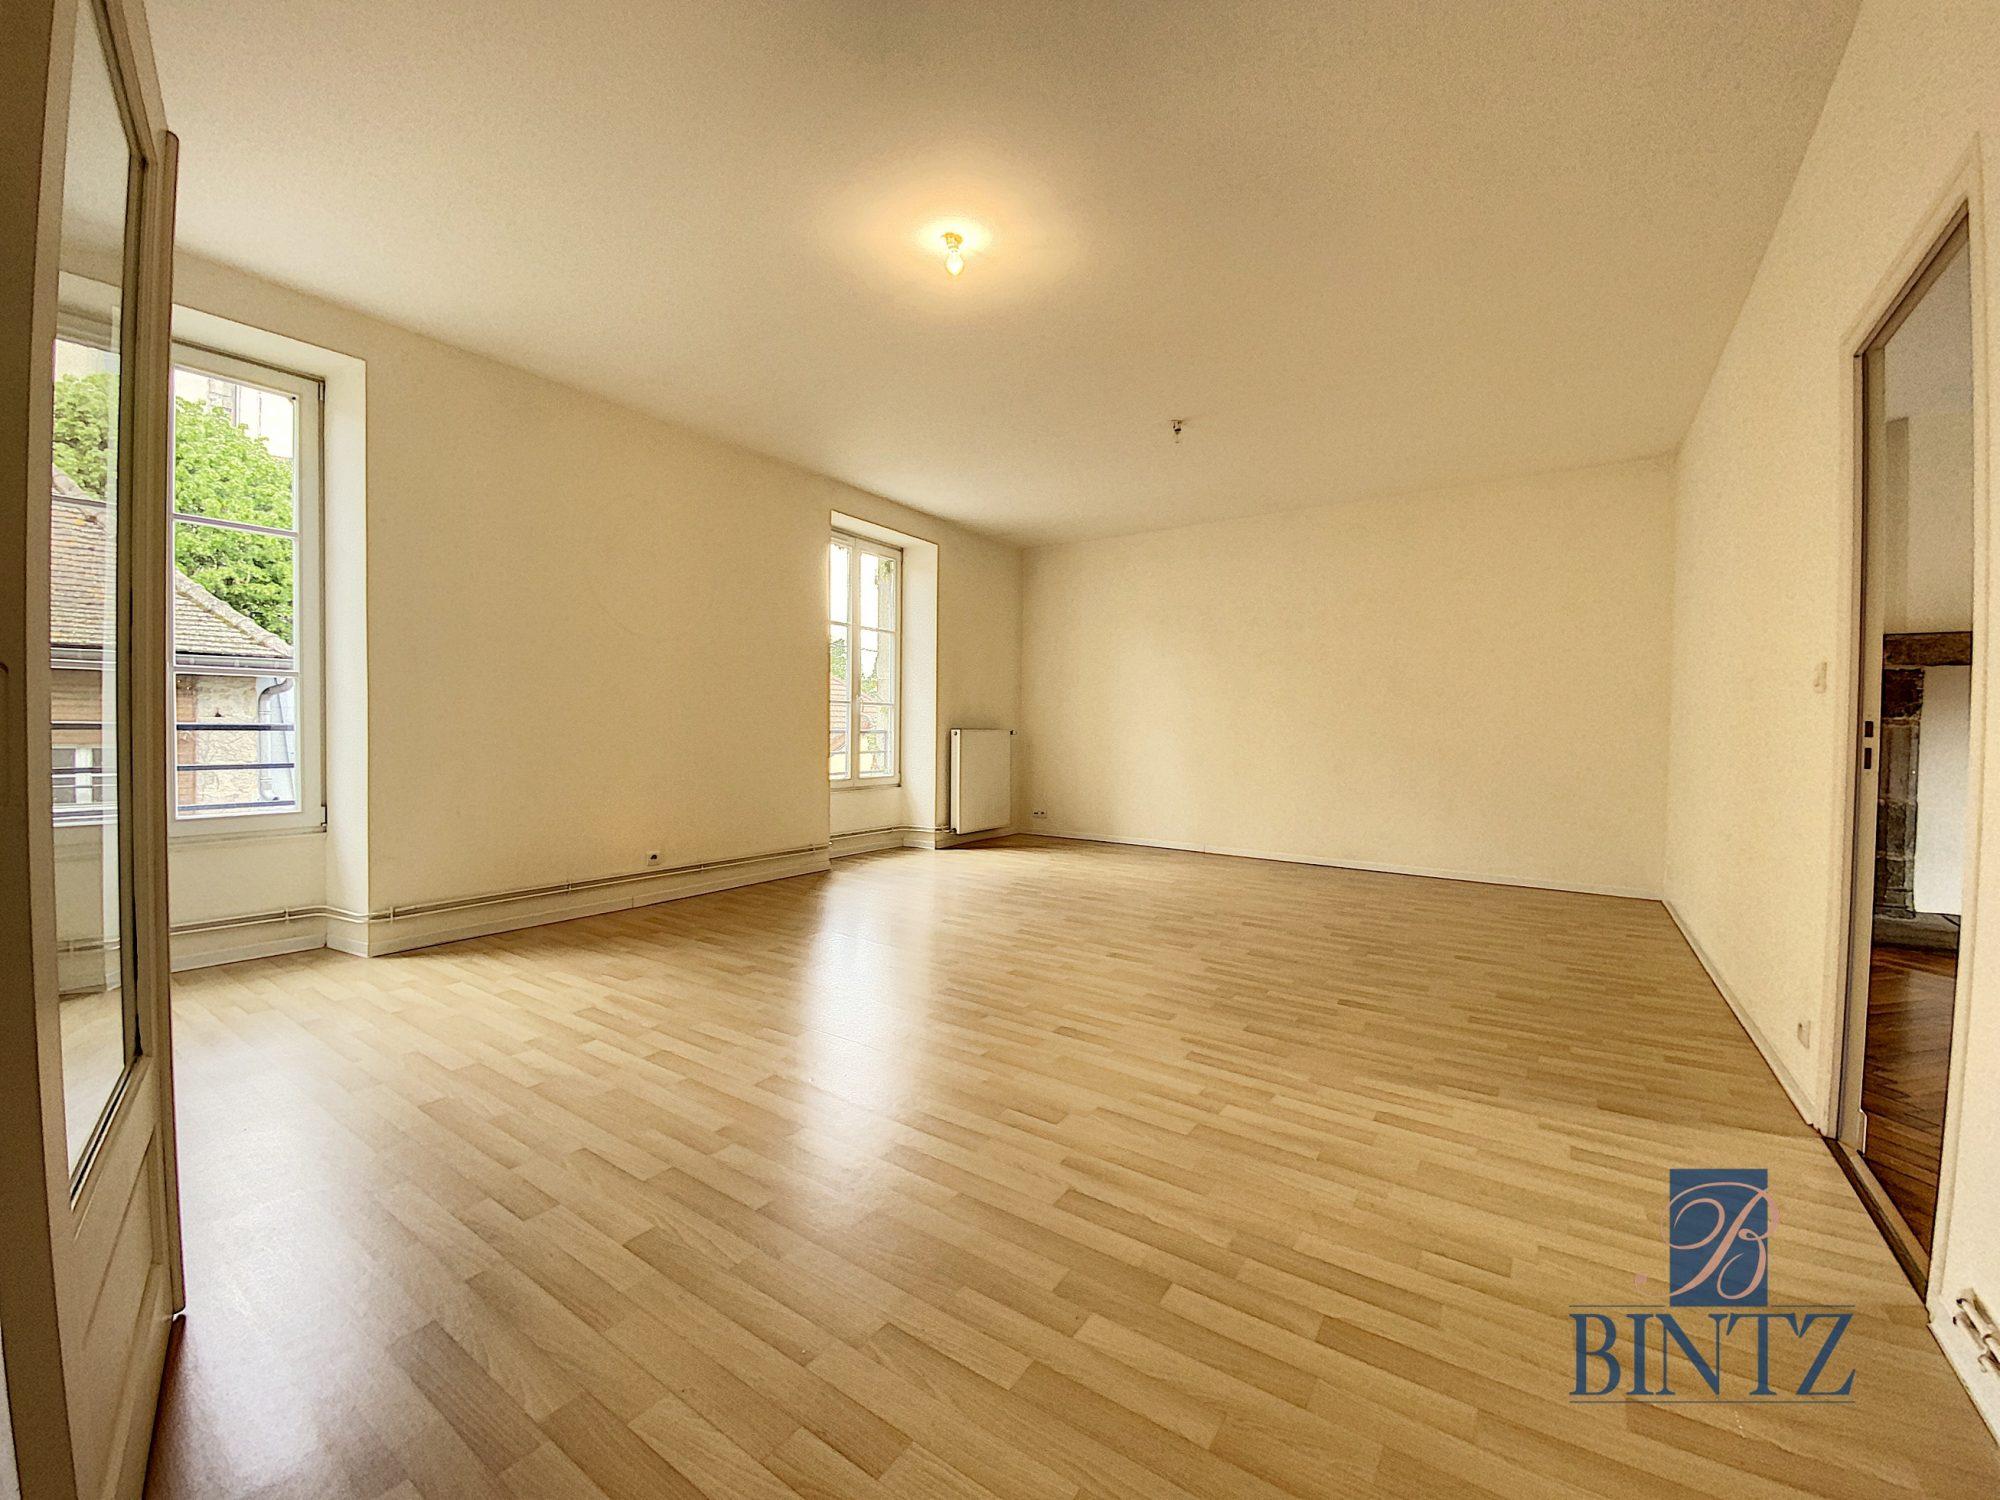 3 pièces toulon/arroux 1er maison de maitre - Devenez locataire en toute sérénité - Bintz Immobilier - 1